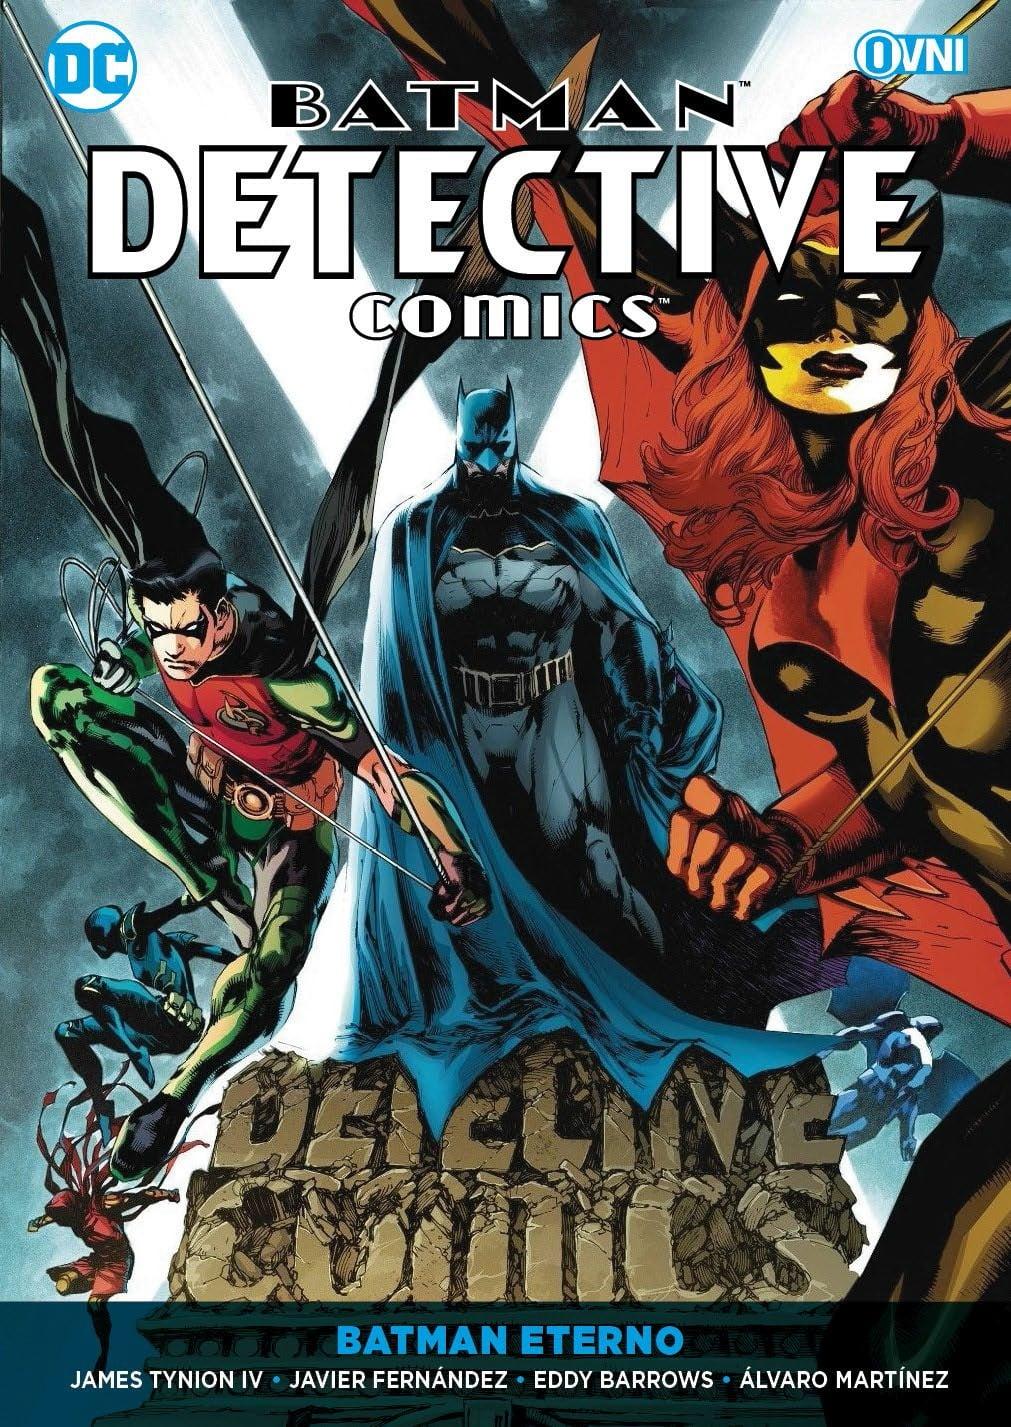 [OVNI Press] DC Comics 0632